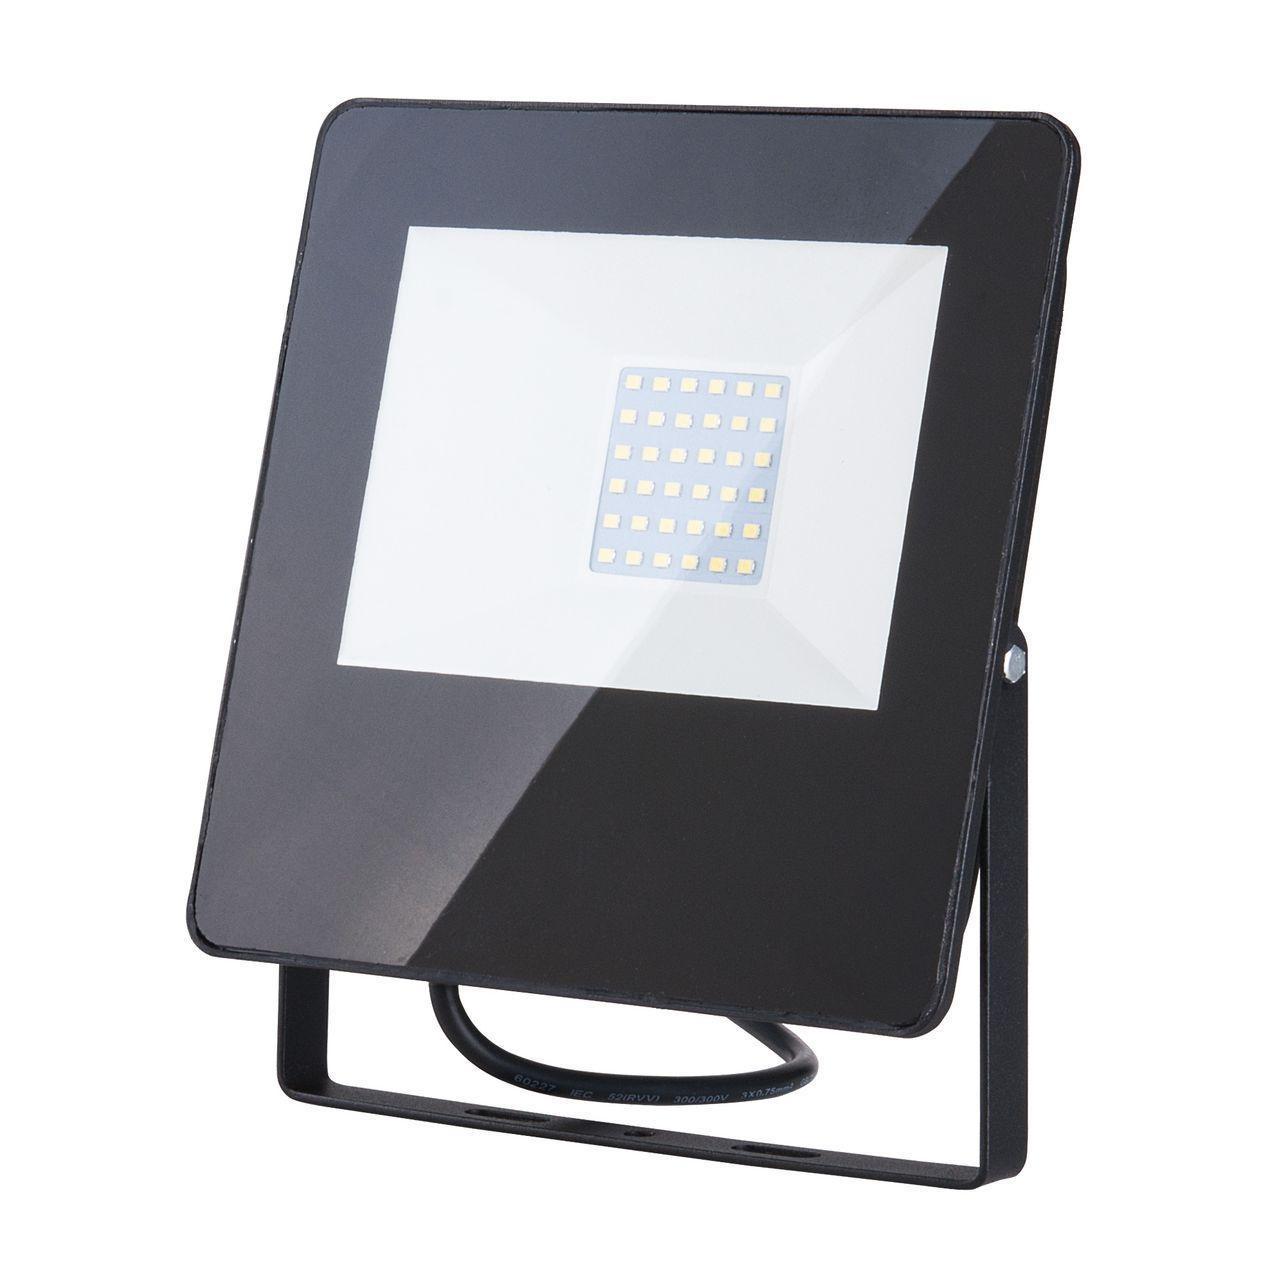 Прожектор Elektrostandard 4690389126826, 30 Вт elektrostandart прожектор прожектор с датчиком 003 fl led 30w 6500k ip44